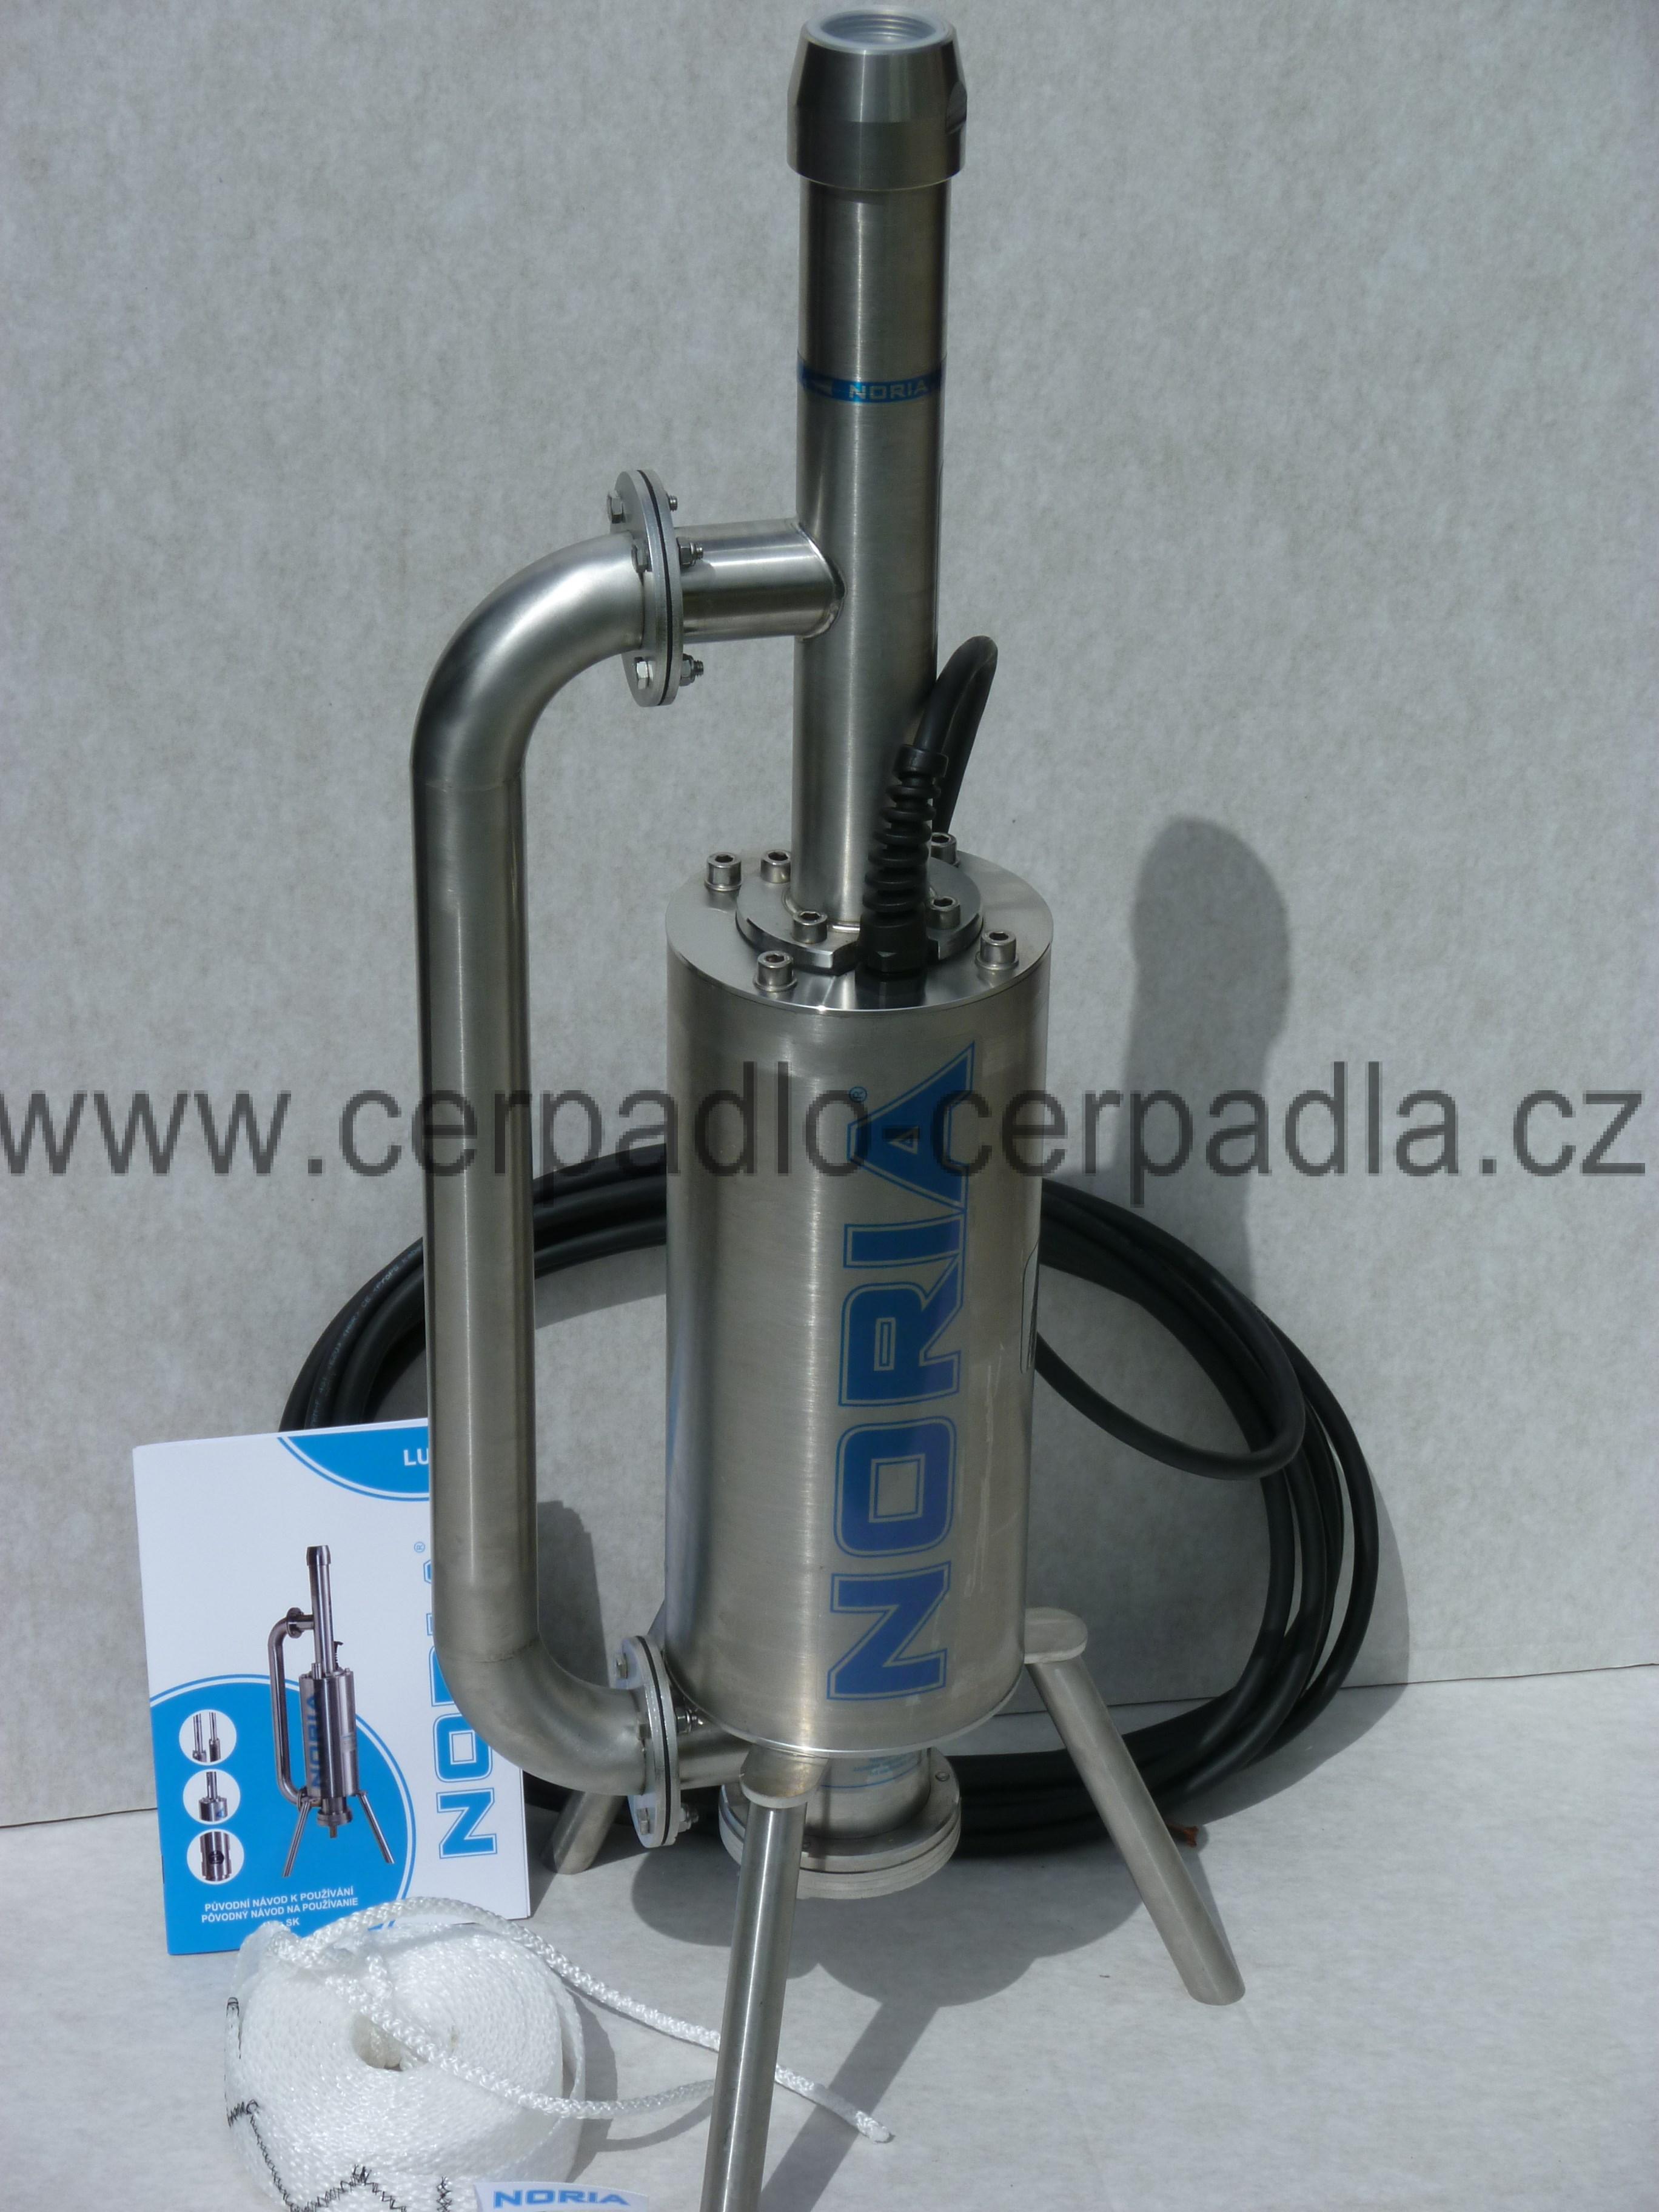 NORIA LUCA - 100 - 16 - N3, 400 V 10 m (+ dárek, kalové čerpadlo, AKCE DOPRAVA ZDARMA, kalová čerpadla LUCA, podobné jako EFRU)